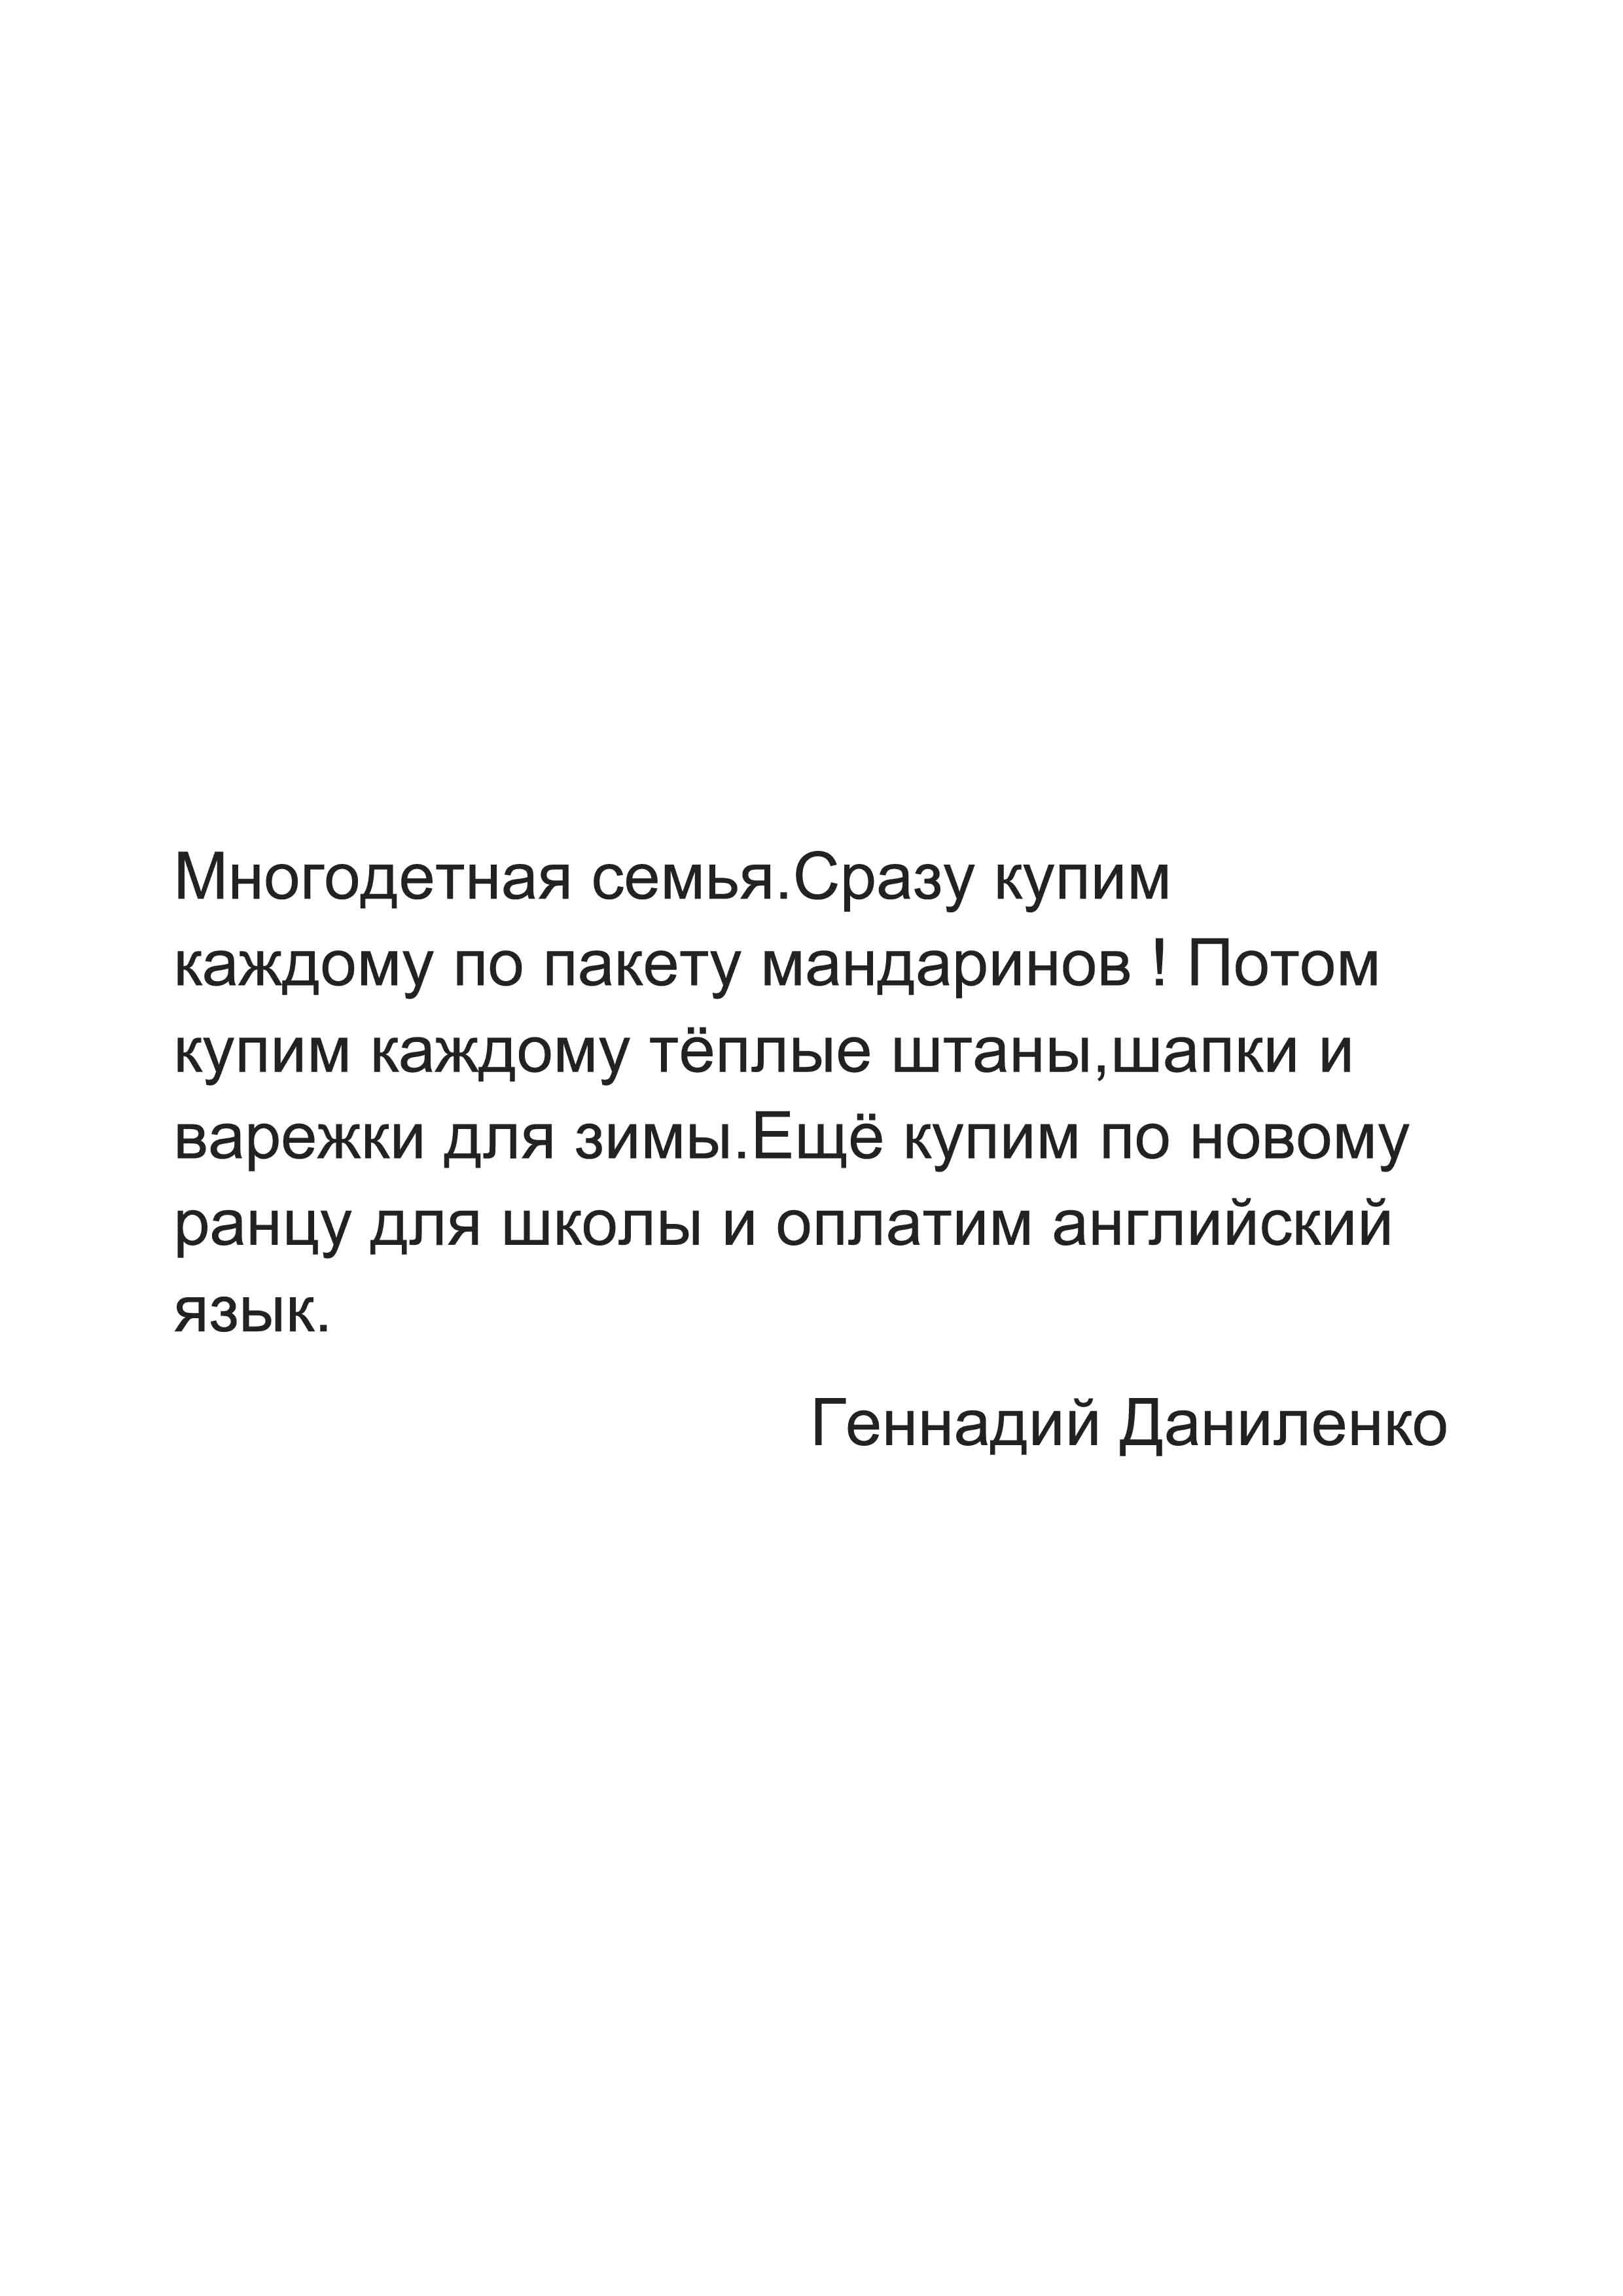 Геннадий Даниленко